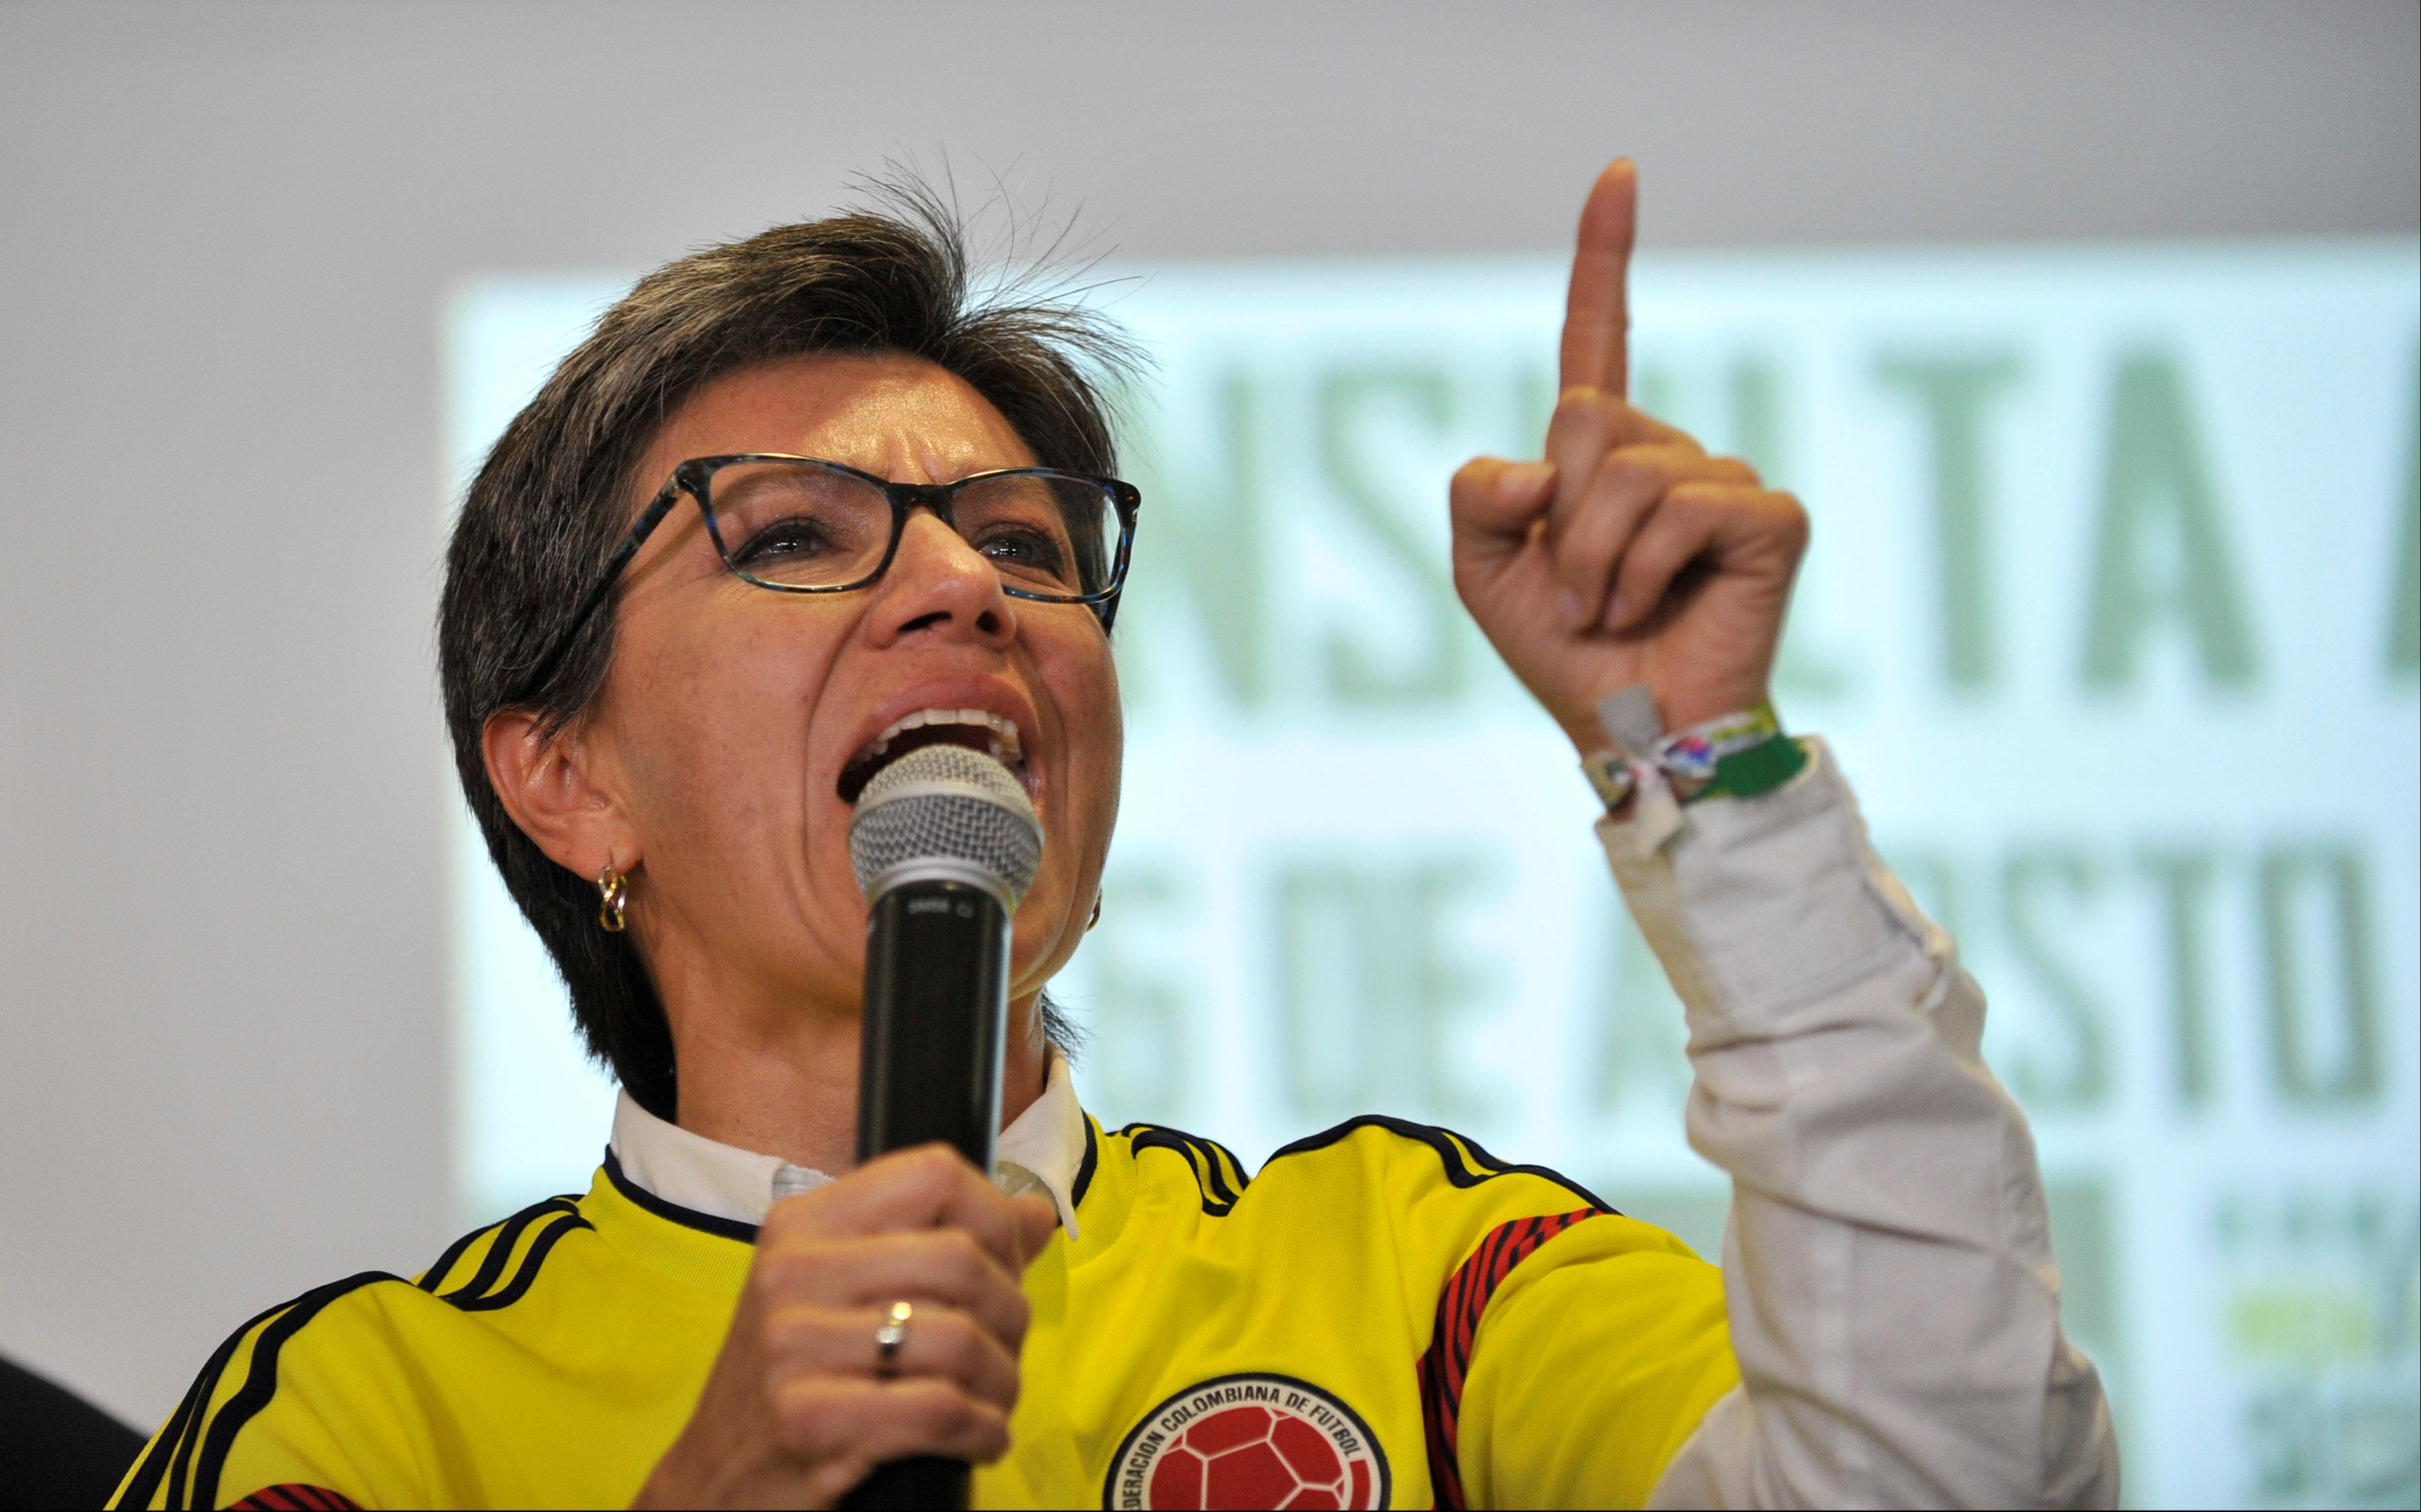 عضوة الحزب الأخضر كلوديا لوبيز تتحدث عقب فشل الاستفتاء